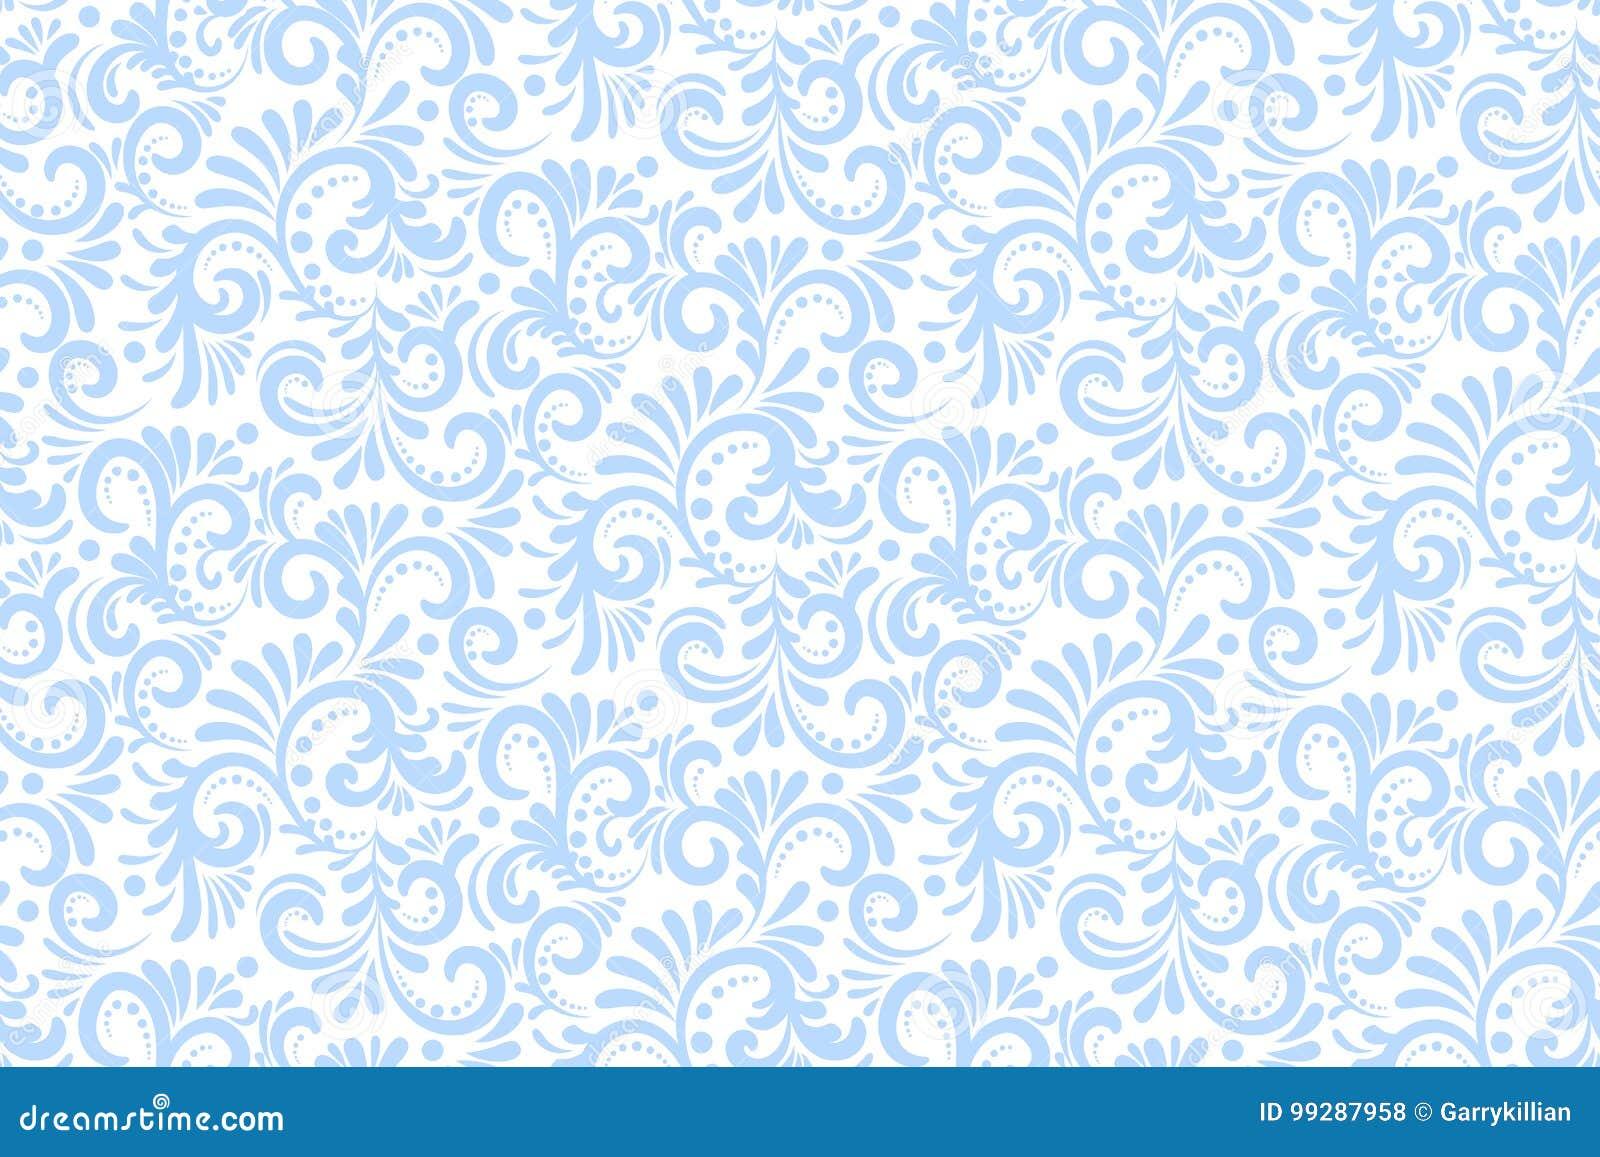 Fond sans couture de modèle de fleur de vecteur Texture élégante pour des milieux Floral démodé de luxe classique